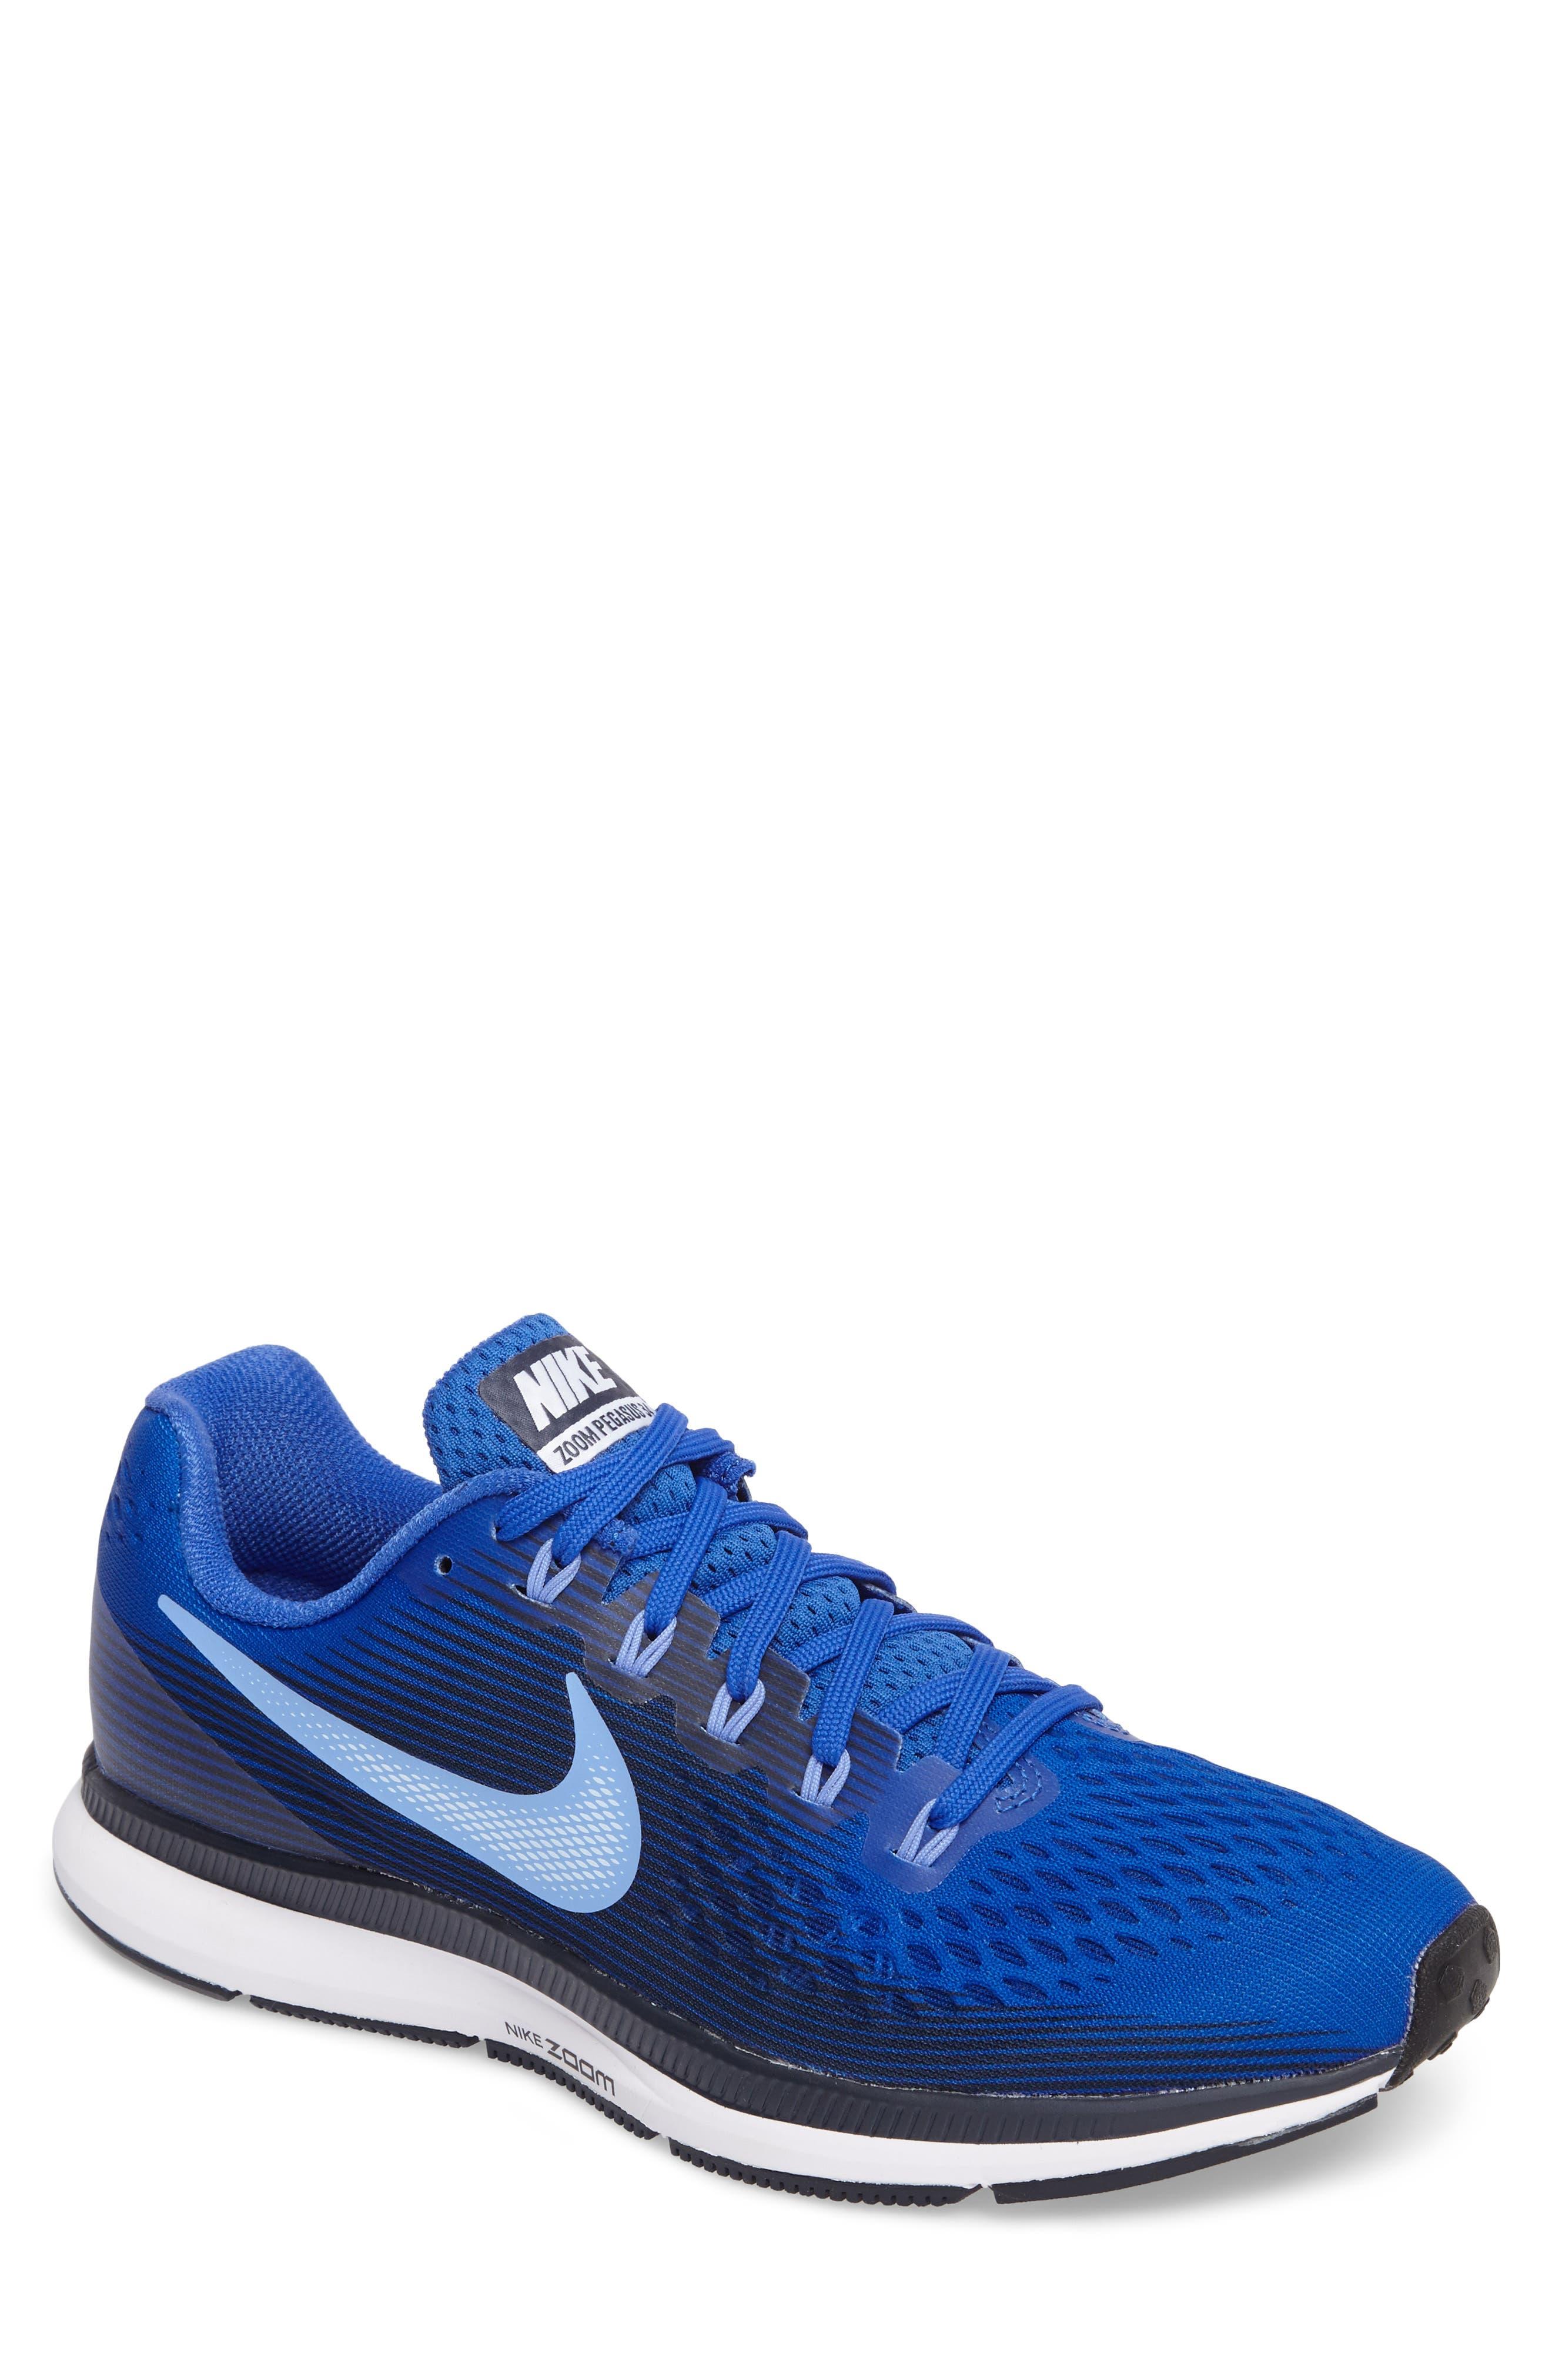 Air Zoom Pegasus 34 Sneaker,                             Main thumbnail 4, color,